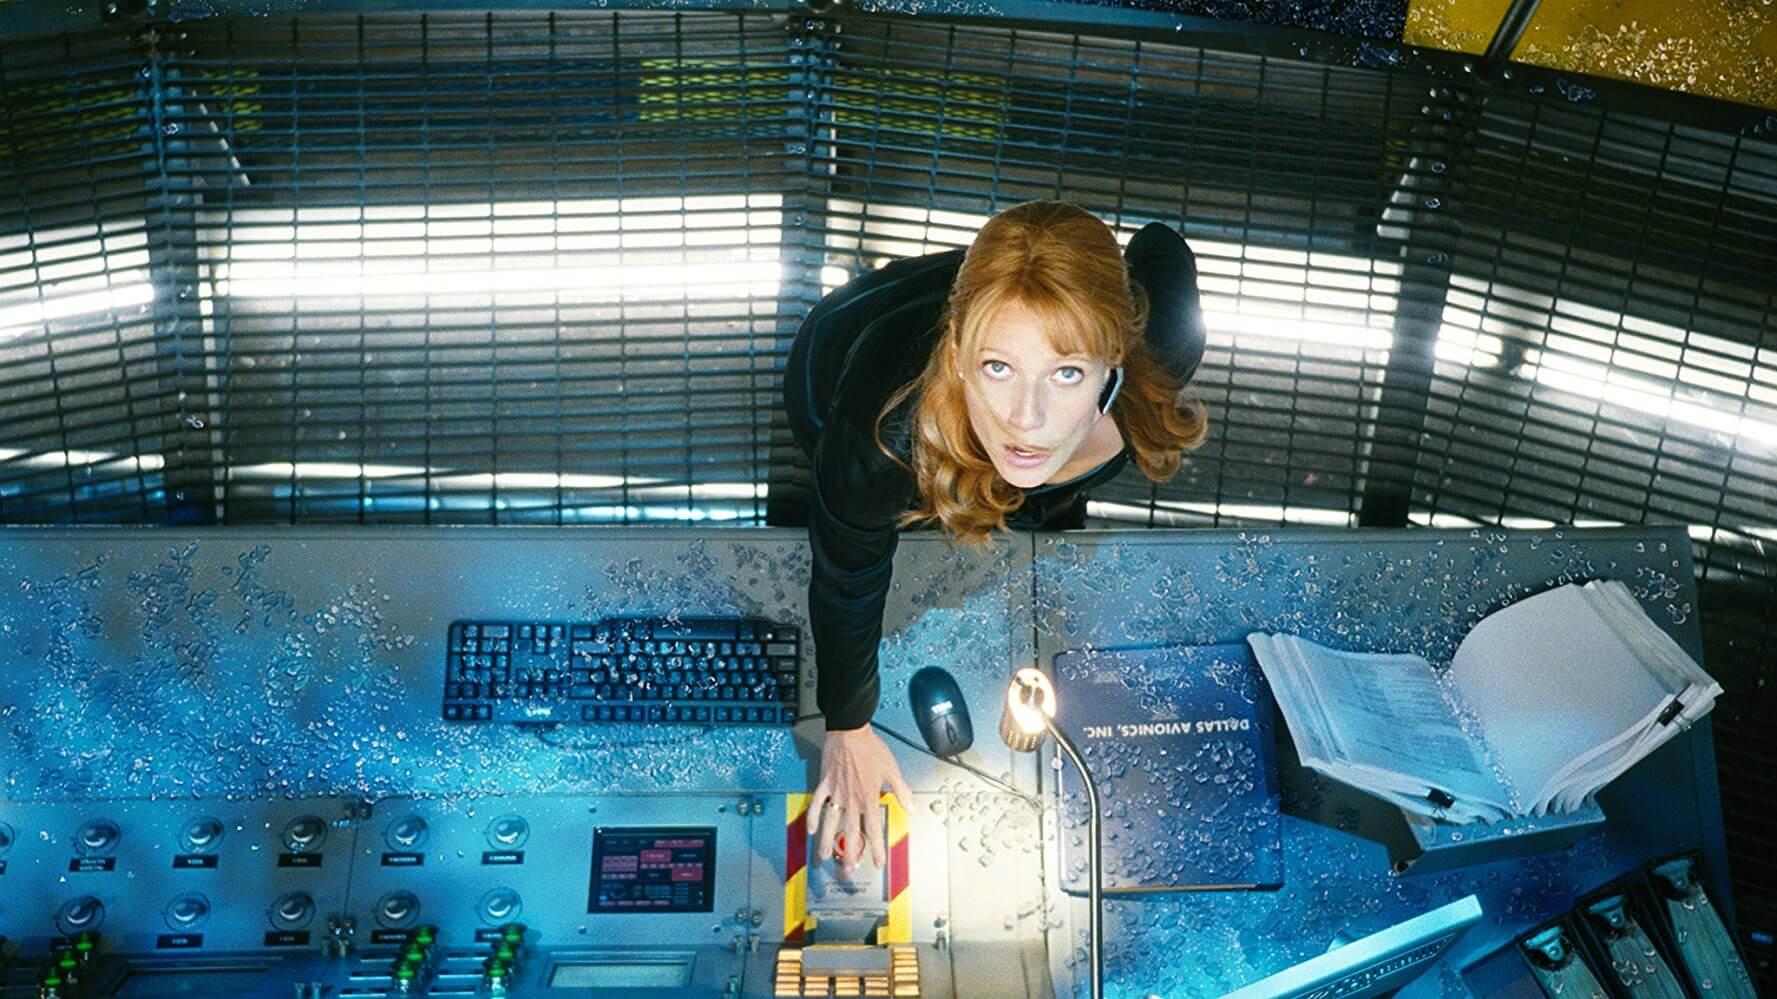 2008 年漫威工作室的超級英雄片《鋼鐵人》,圖為小辣椒。